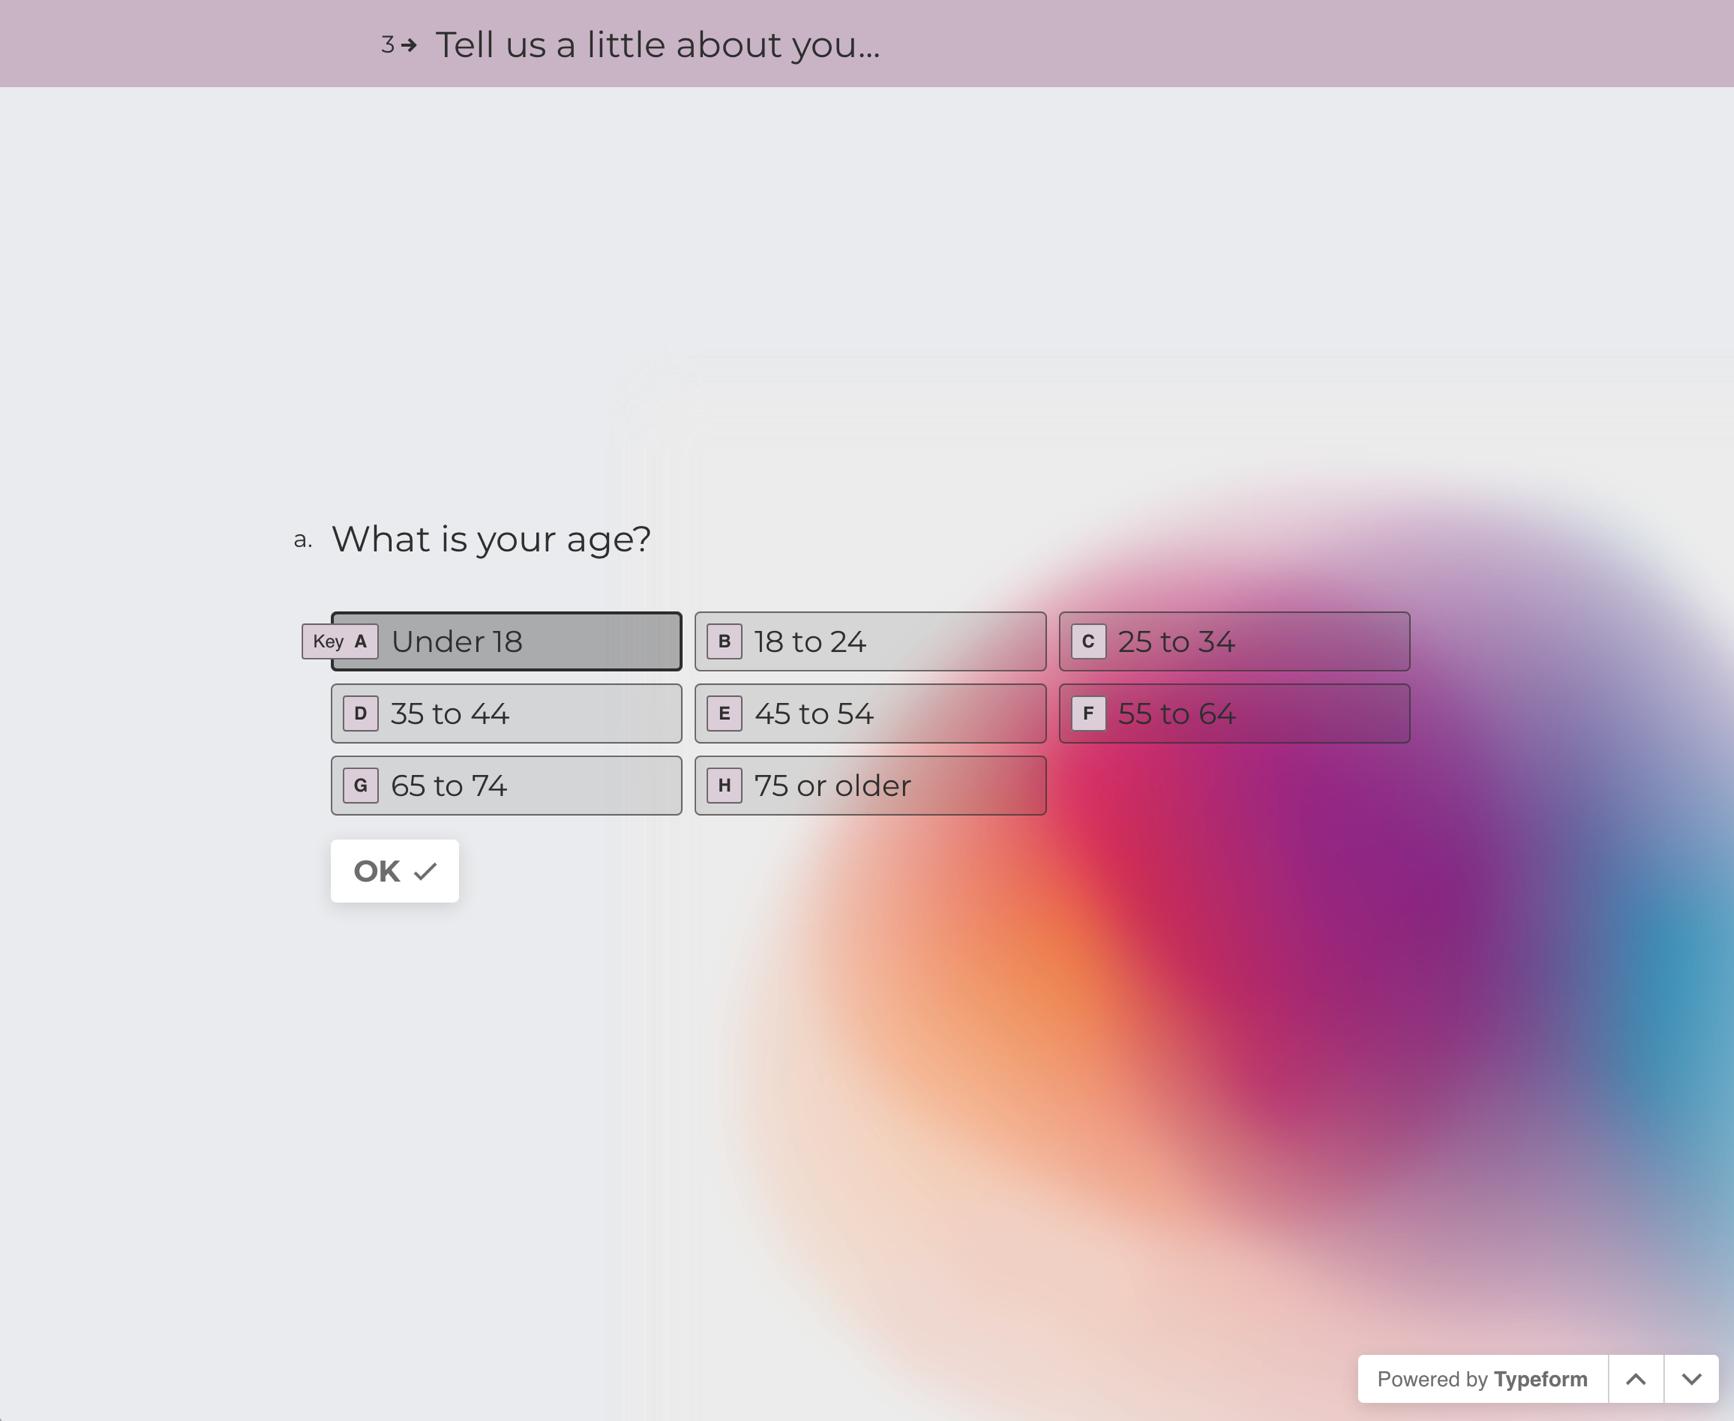 Typeform surveys